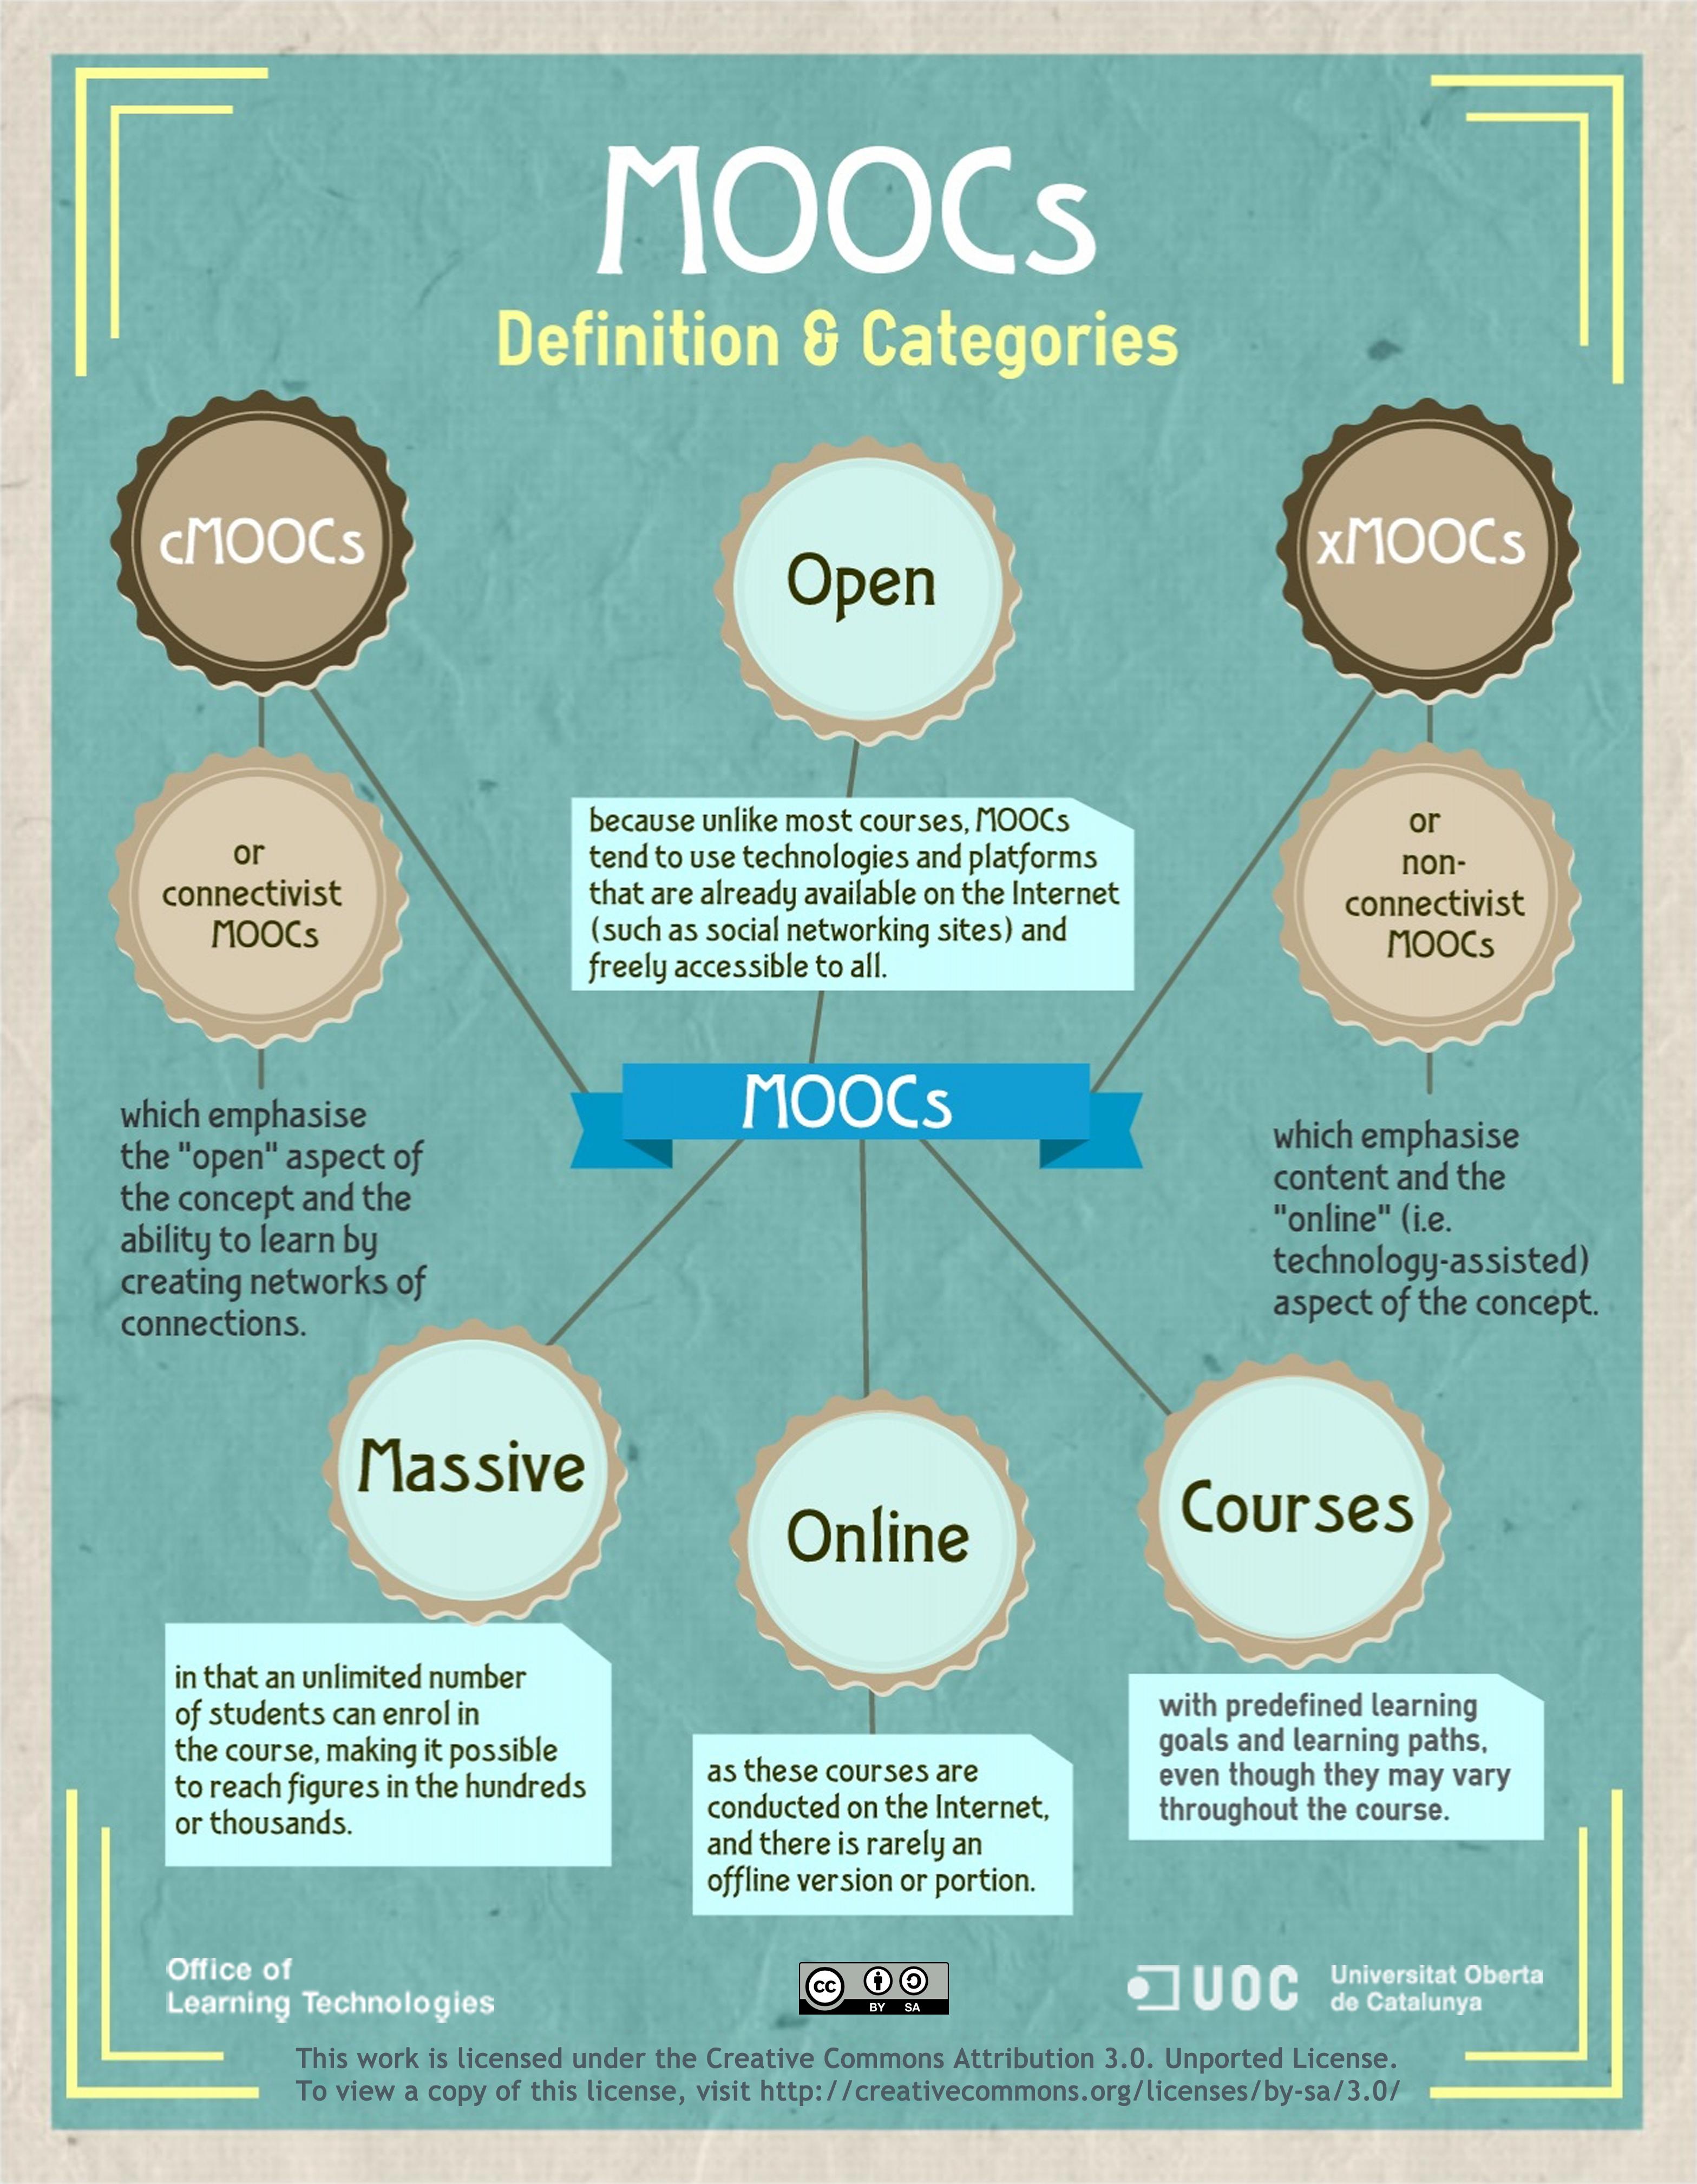 MOOCs Defined